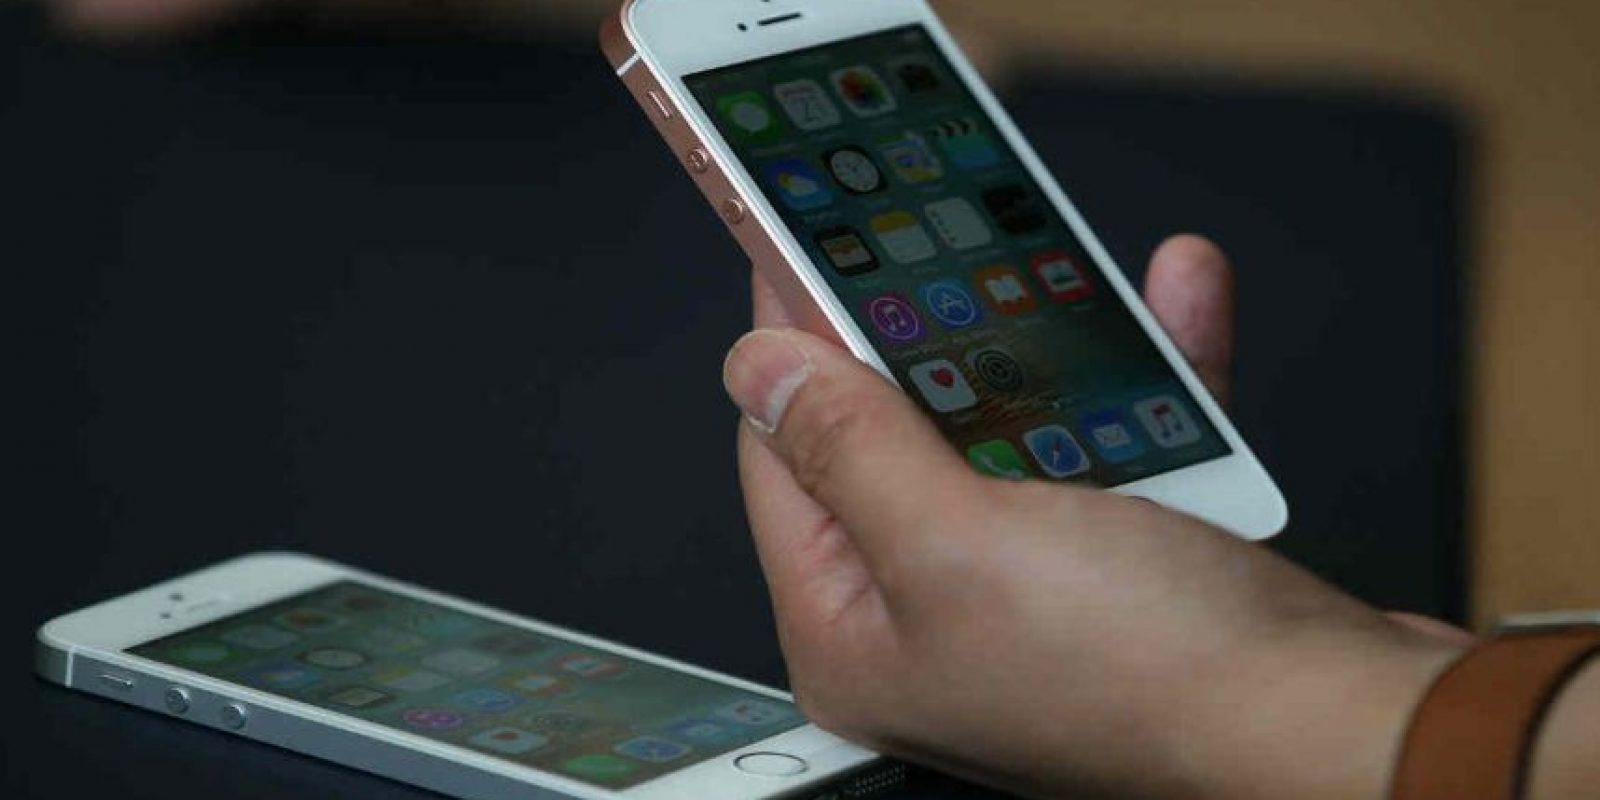 El iOS 9.3 llegó cargado de problemas. Foto:Getty Images. Imagen Por: